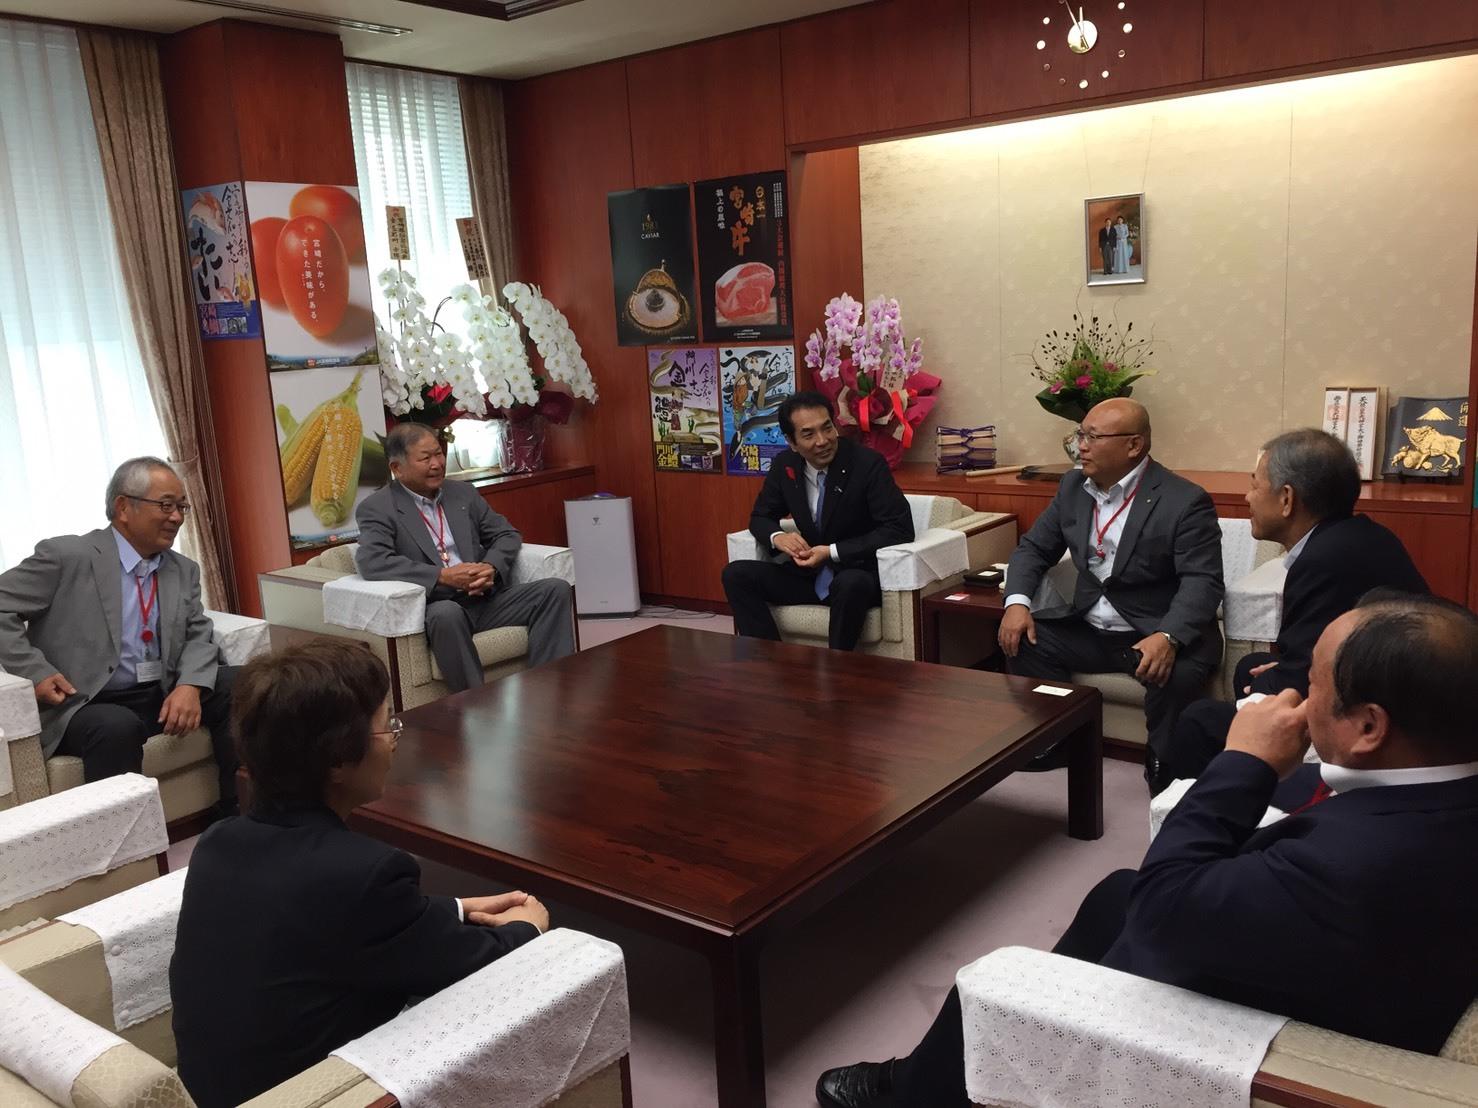 「NHKおはよう日本」の「新閣僚に聞く」_a0143152_19010752.jpeg